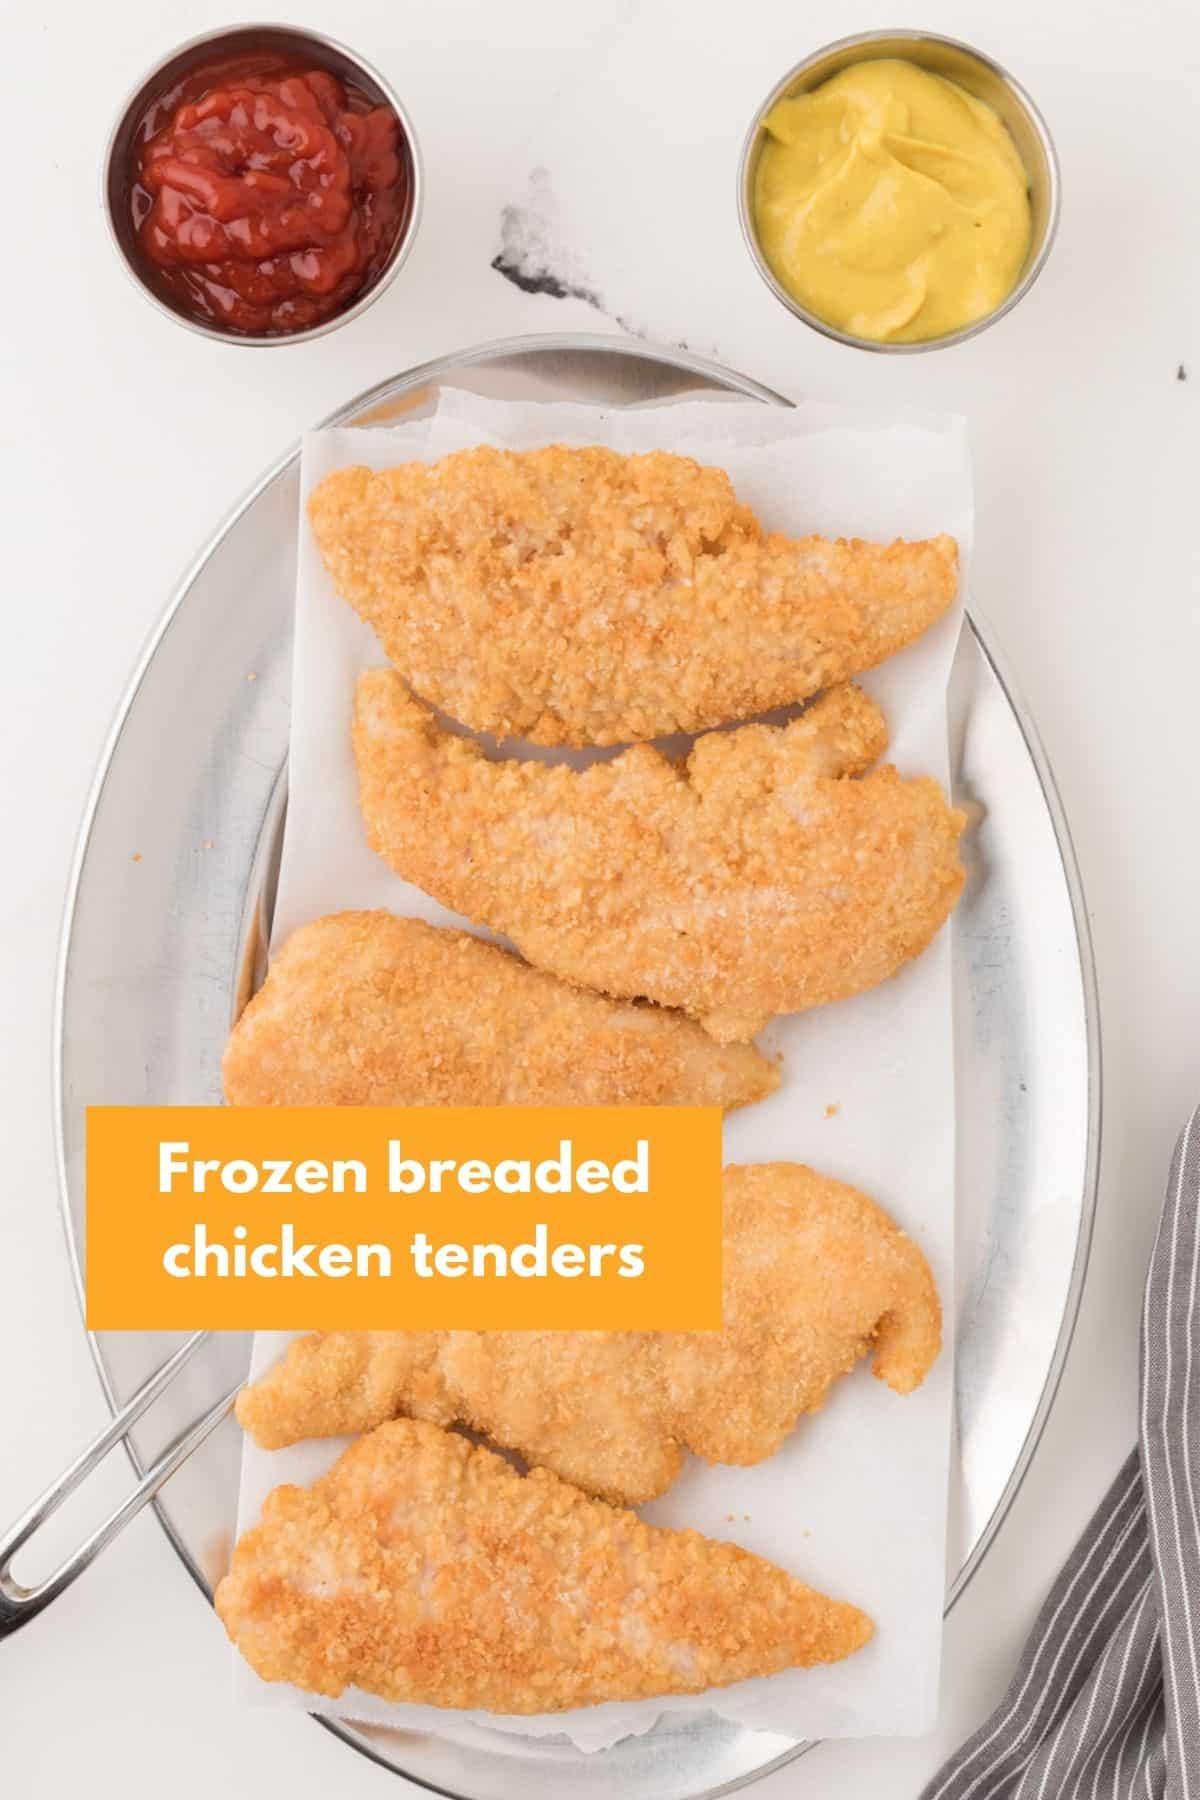 Frozen breaded chicken tenders on a plate